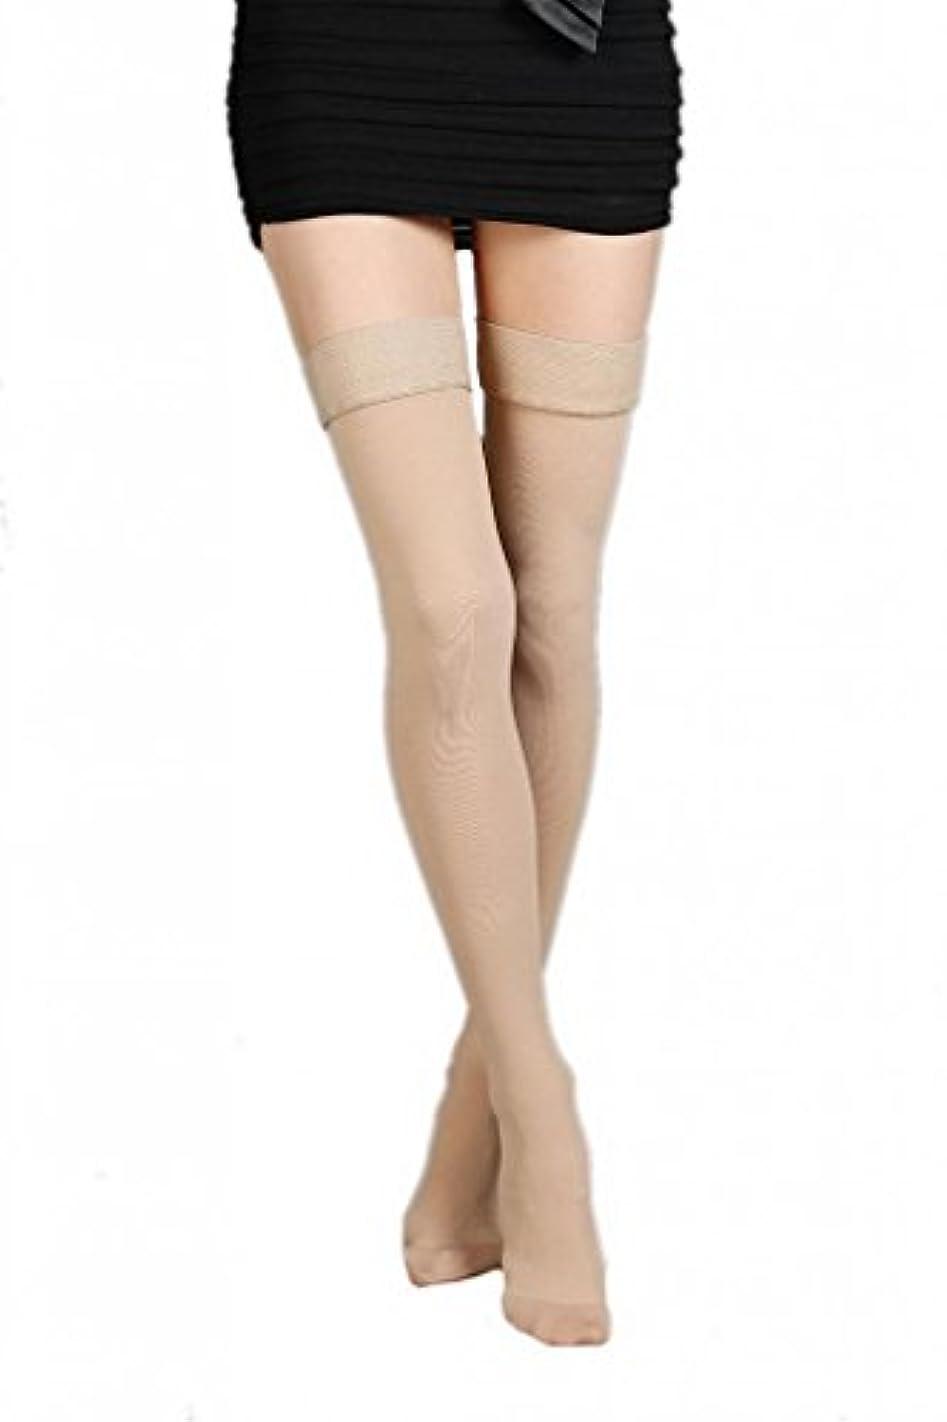 健康的孤児言い直す(ラボーグ)La Vogue 美脚 着圧オーバーニーソックス ハイソックス 靴下 弾性ストッキング つま先あり着圧ソックス M 1級低圧 肌色